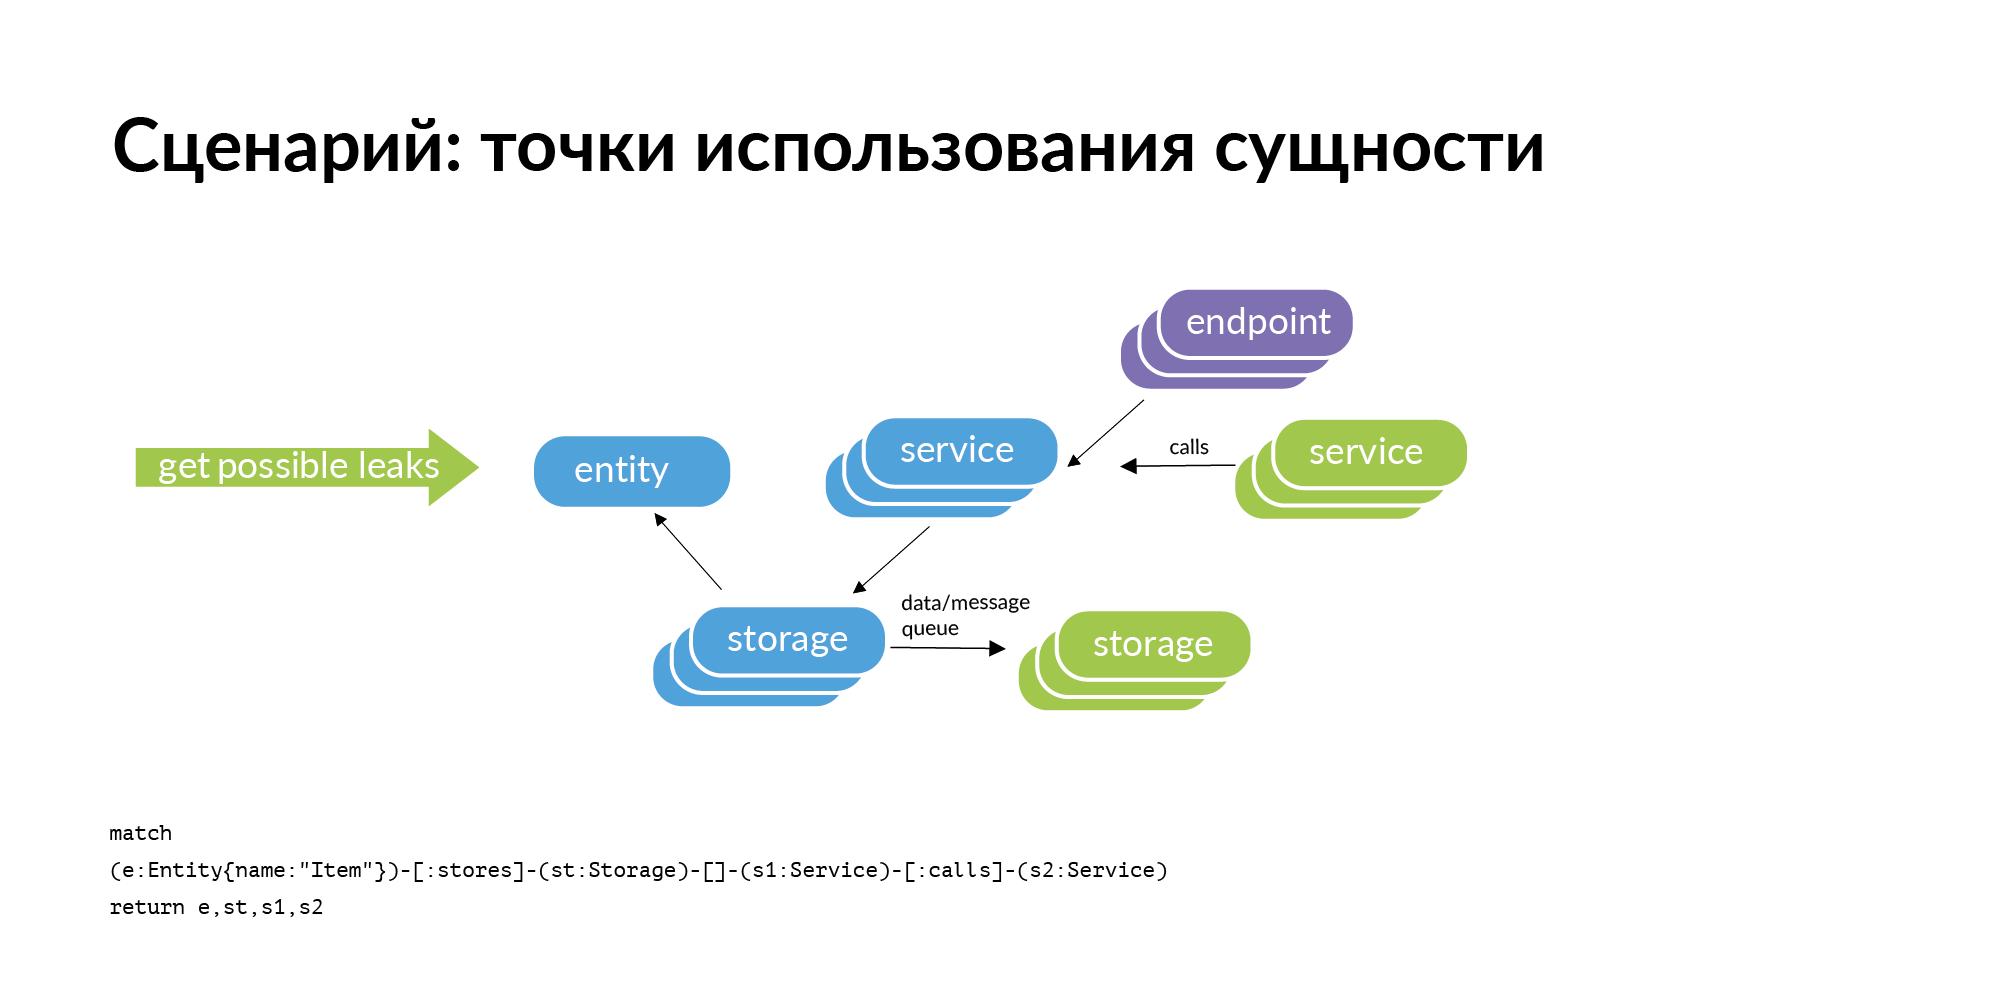 Концепция персистентной ткани для контроля IT-инфраструктуры - 22